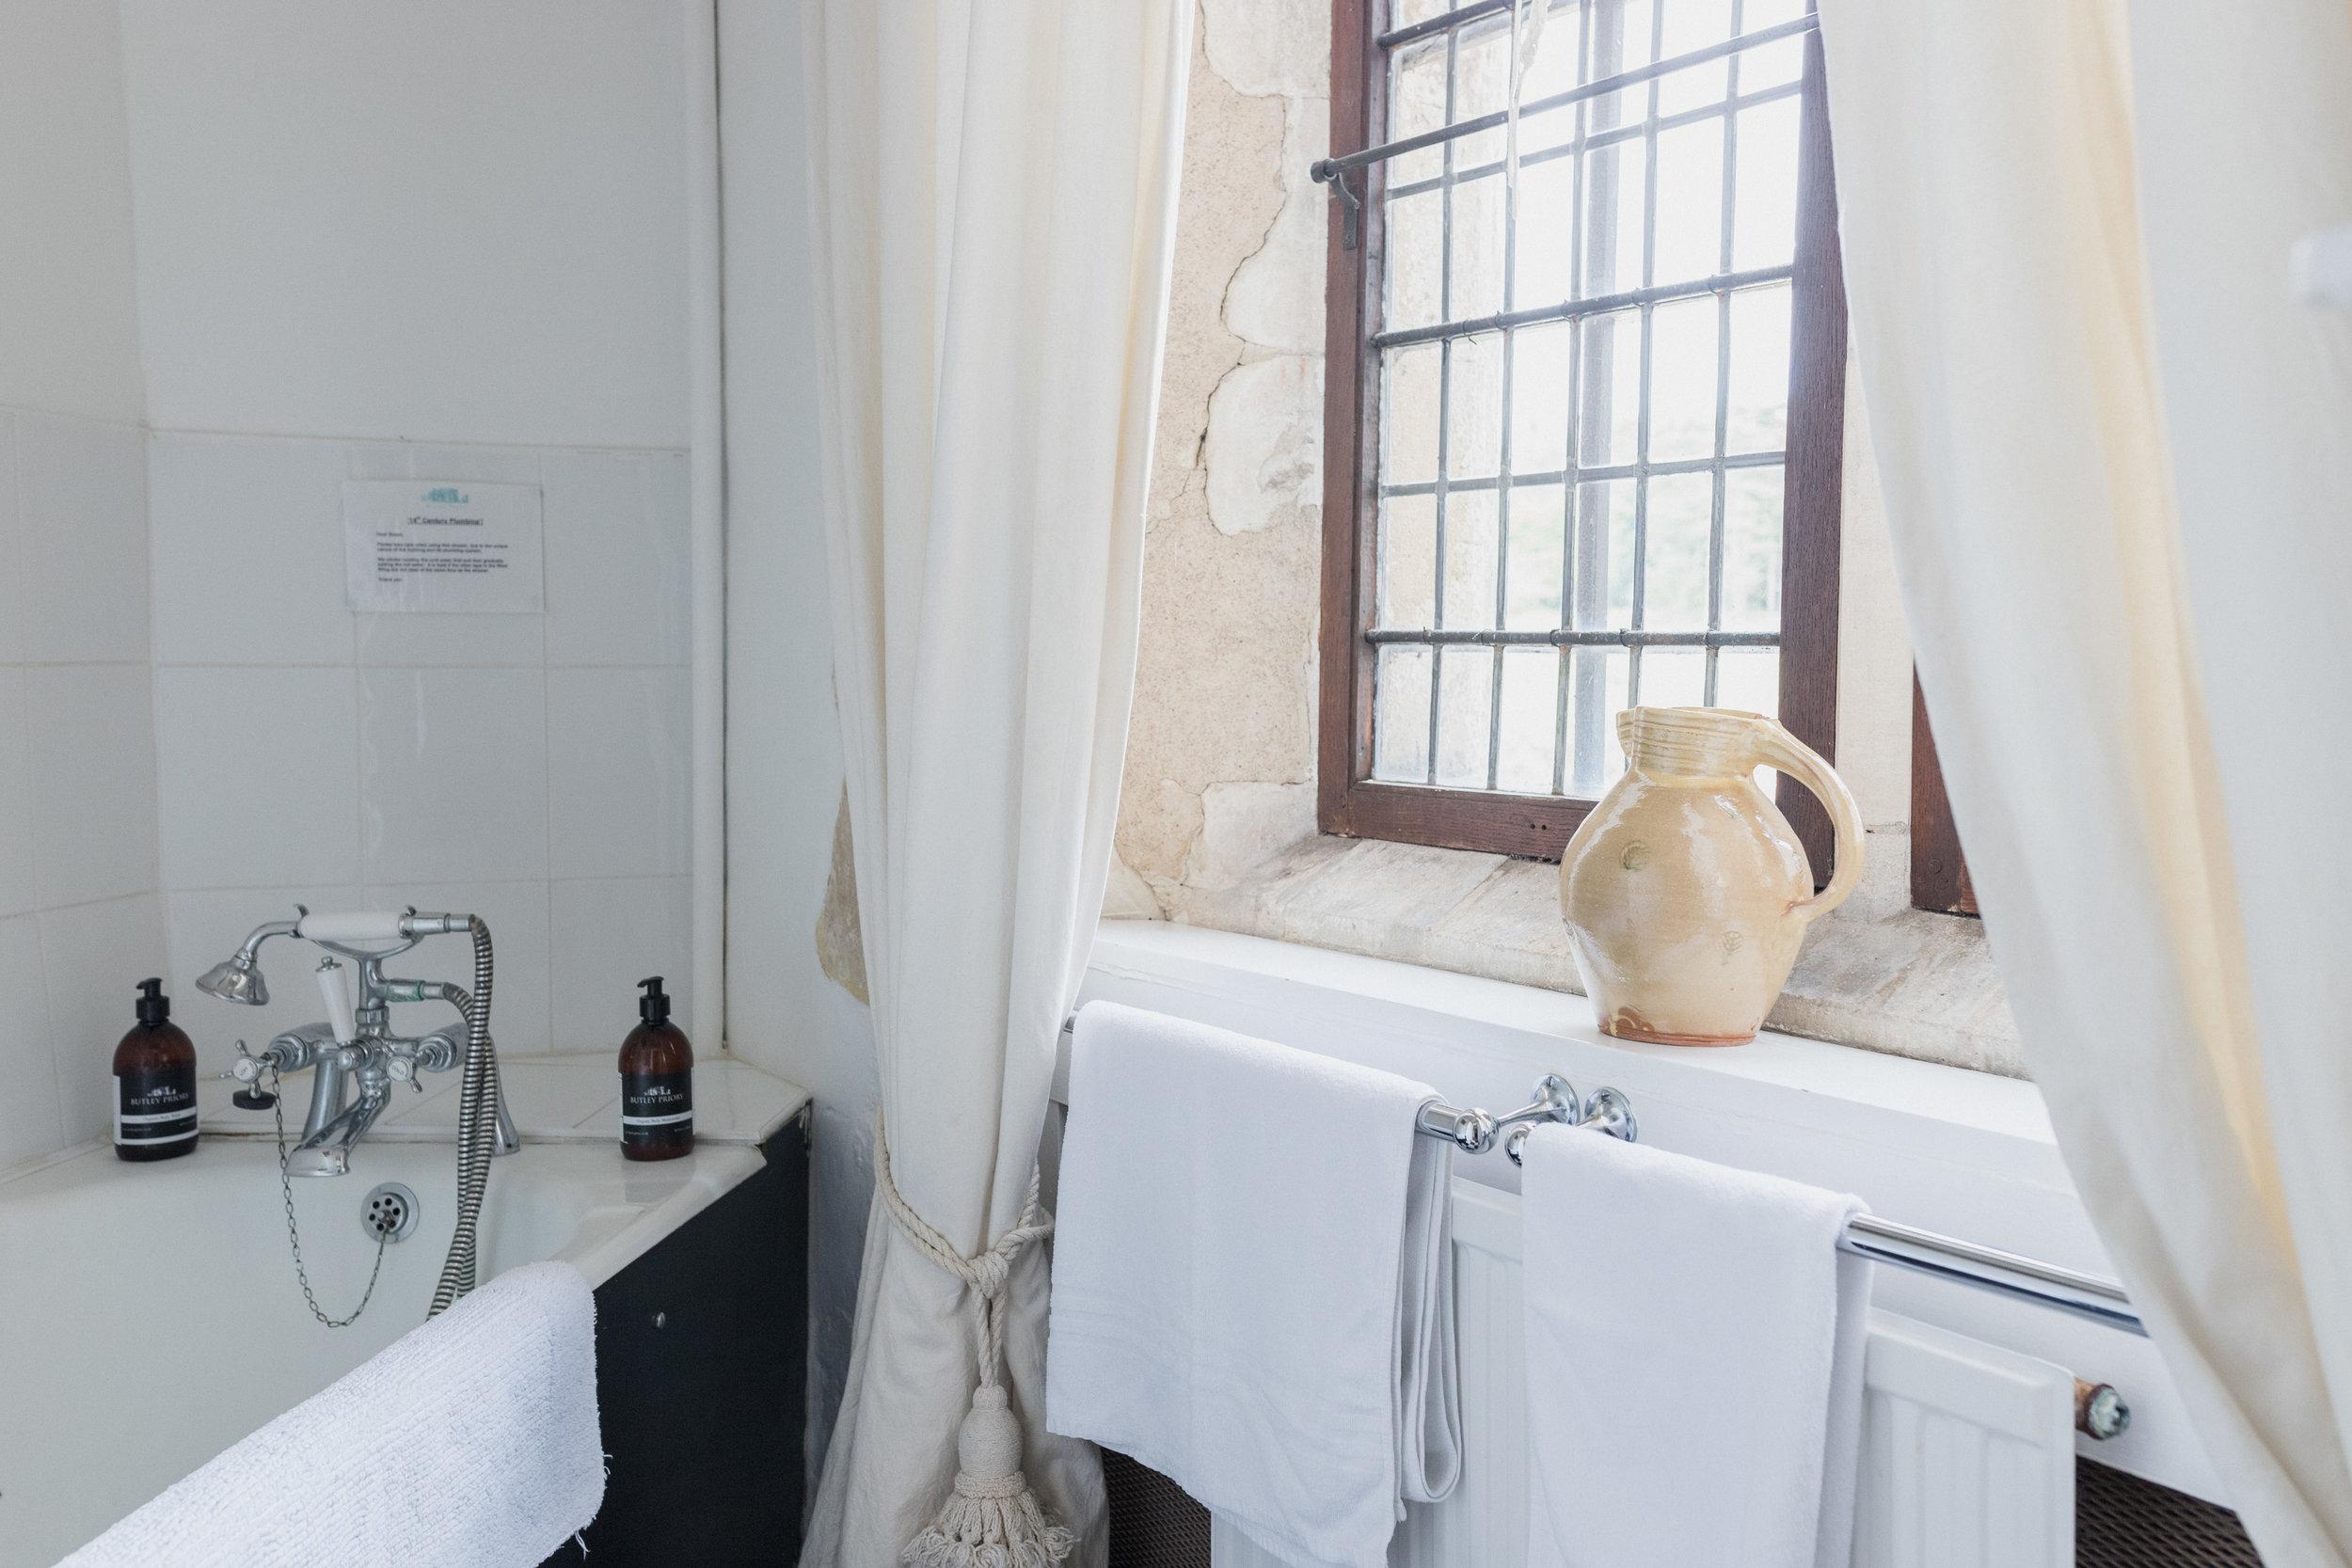 Copy of West Wing room bathroom jpg.jpg